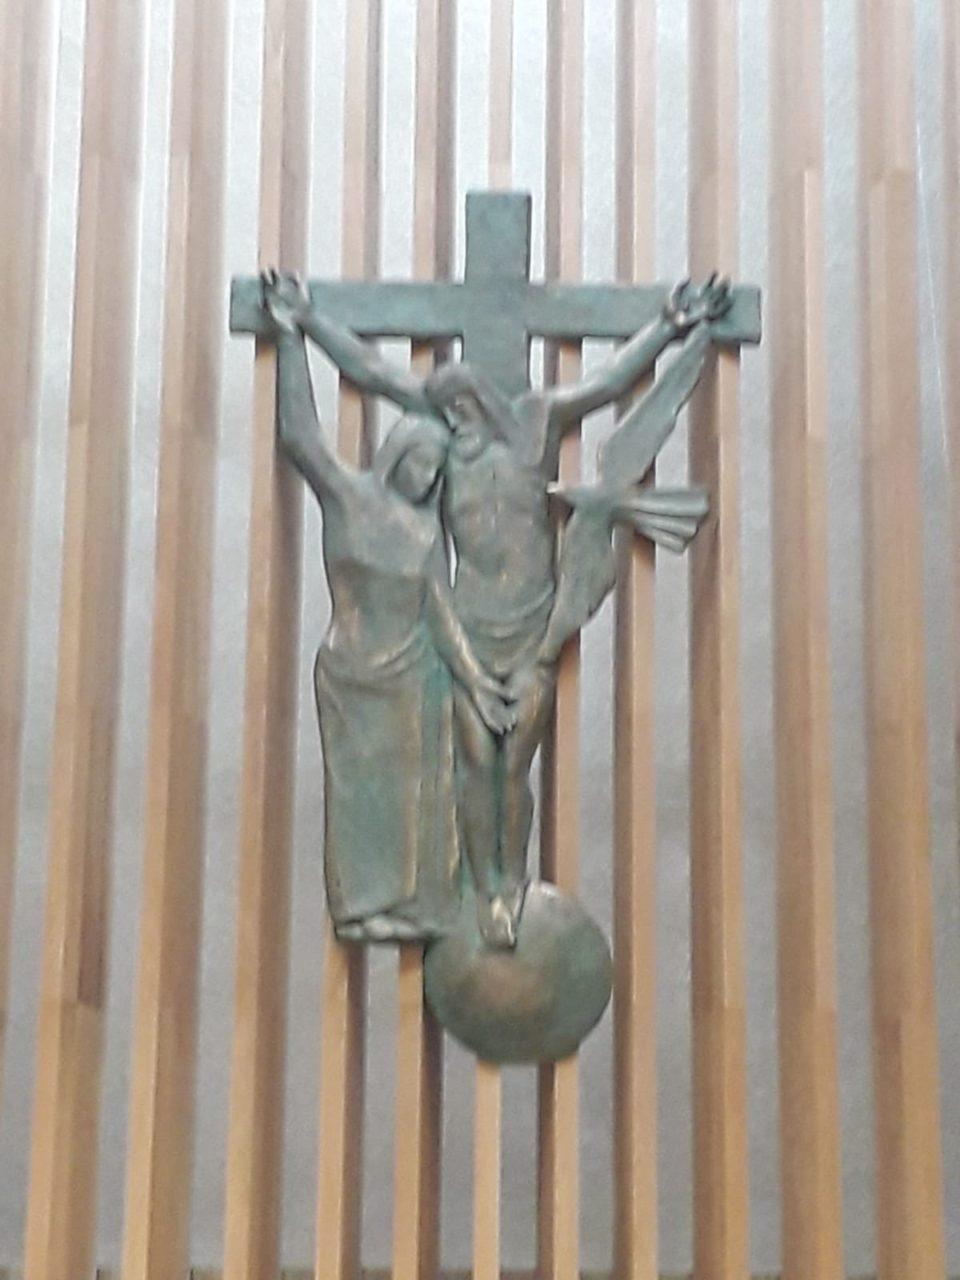 Inaugurazione Crocifisso a Borgonovo (VR)